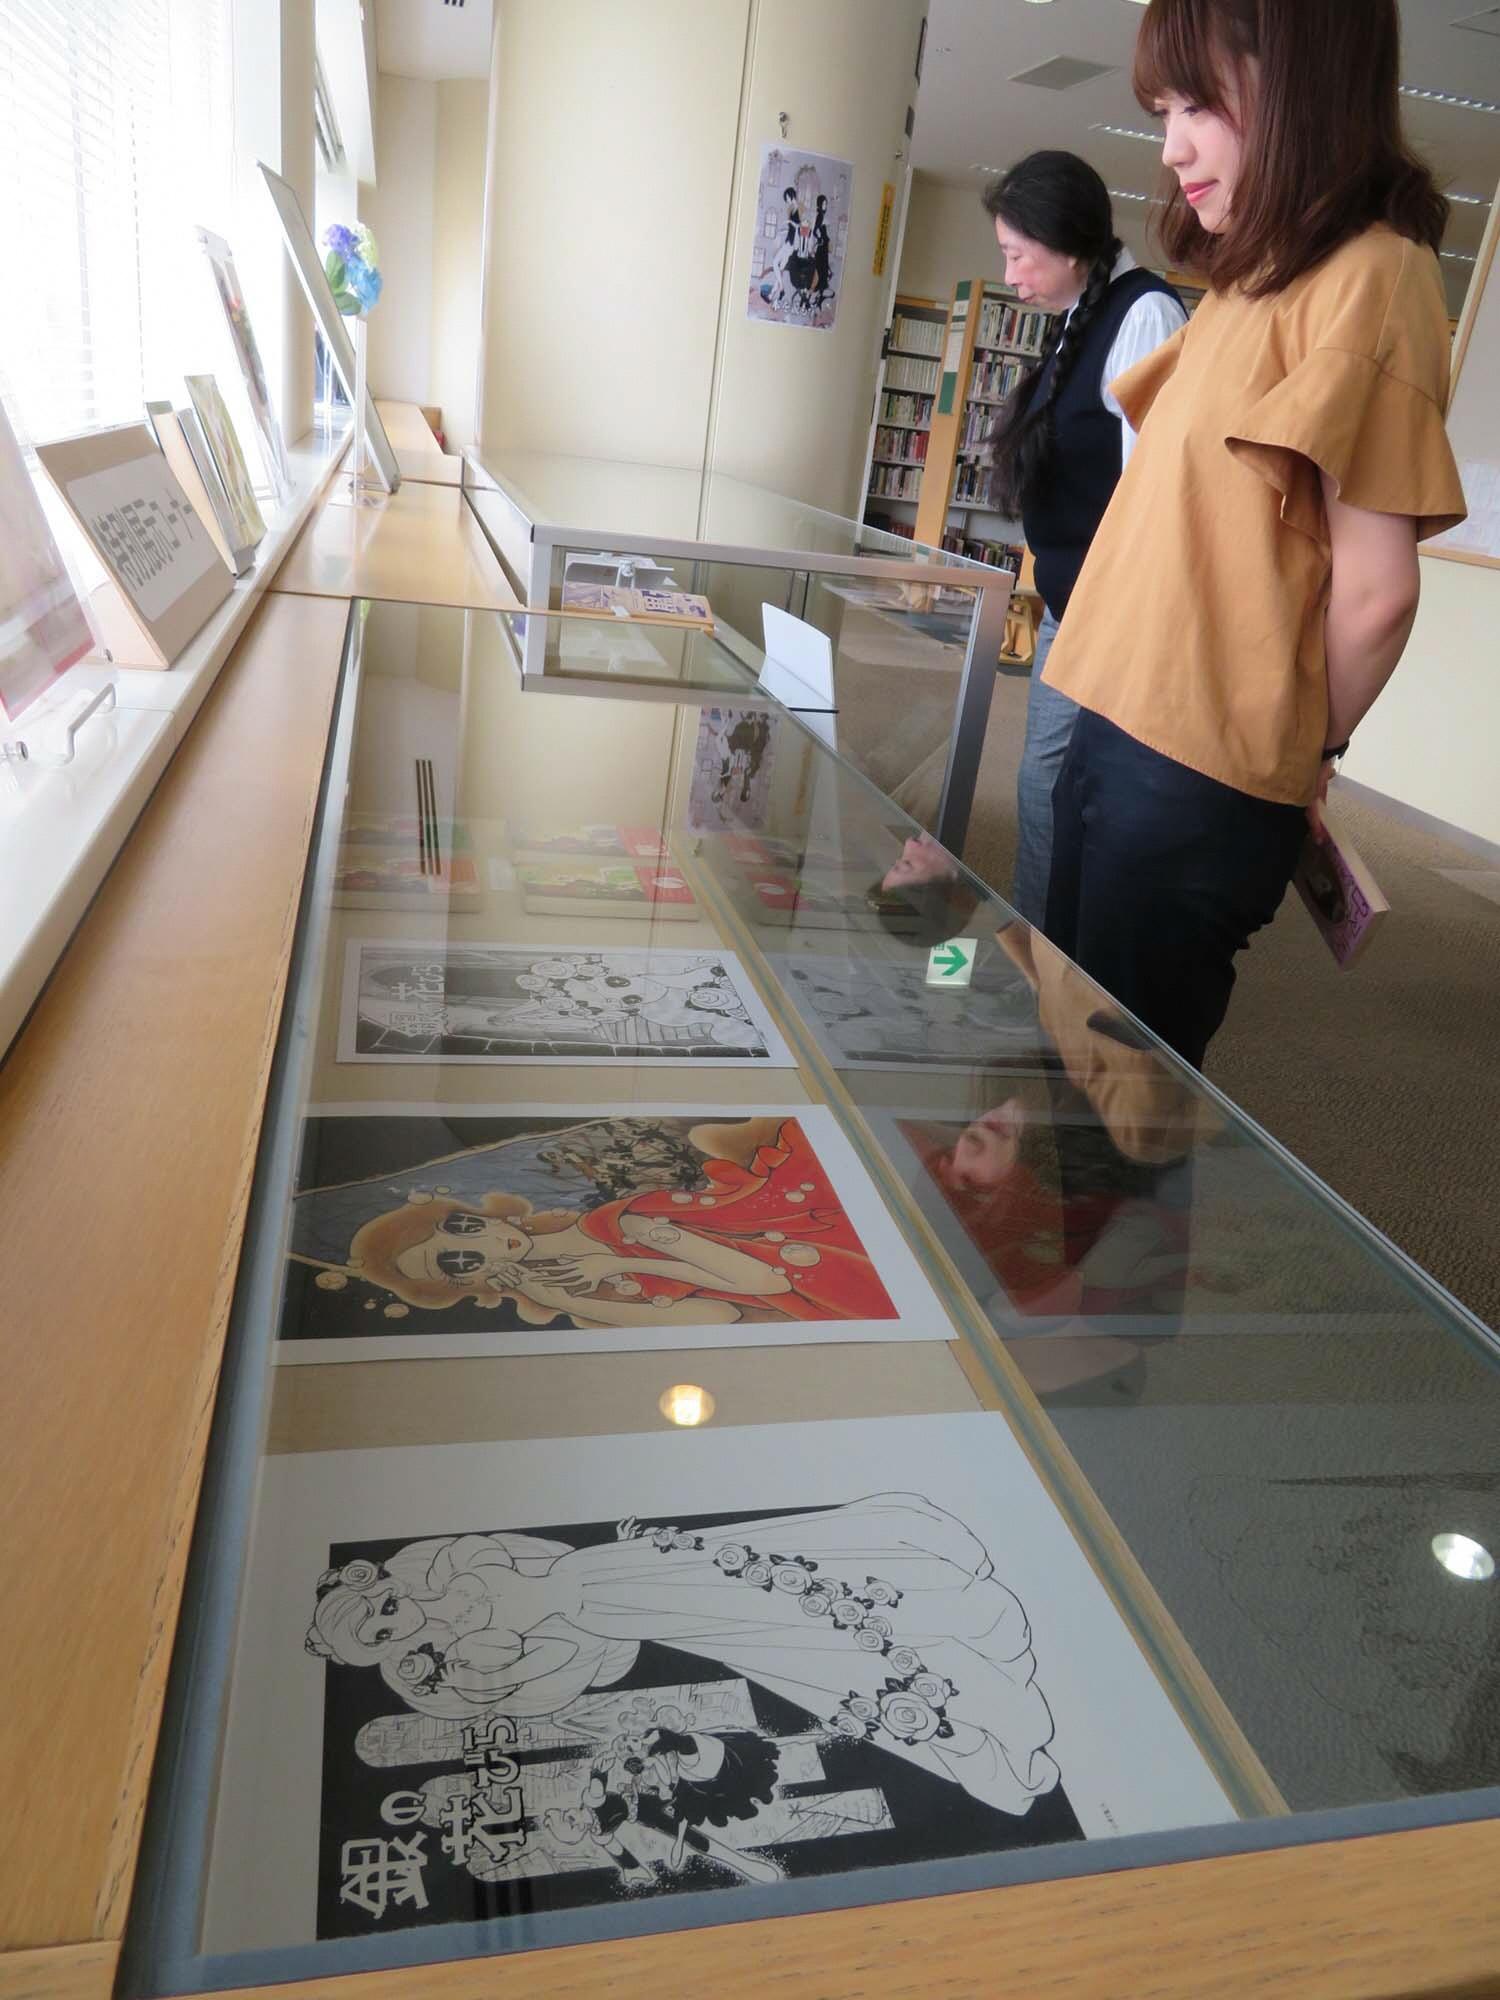 トキワ 荘 女性 水野英子トキワ荘紅一点漫画家の今現在と若い頃は?息子などプロフィ...